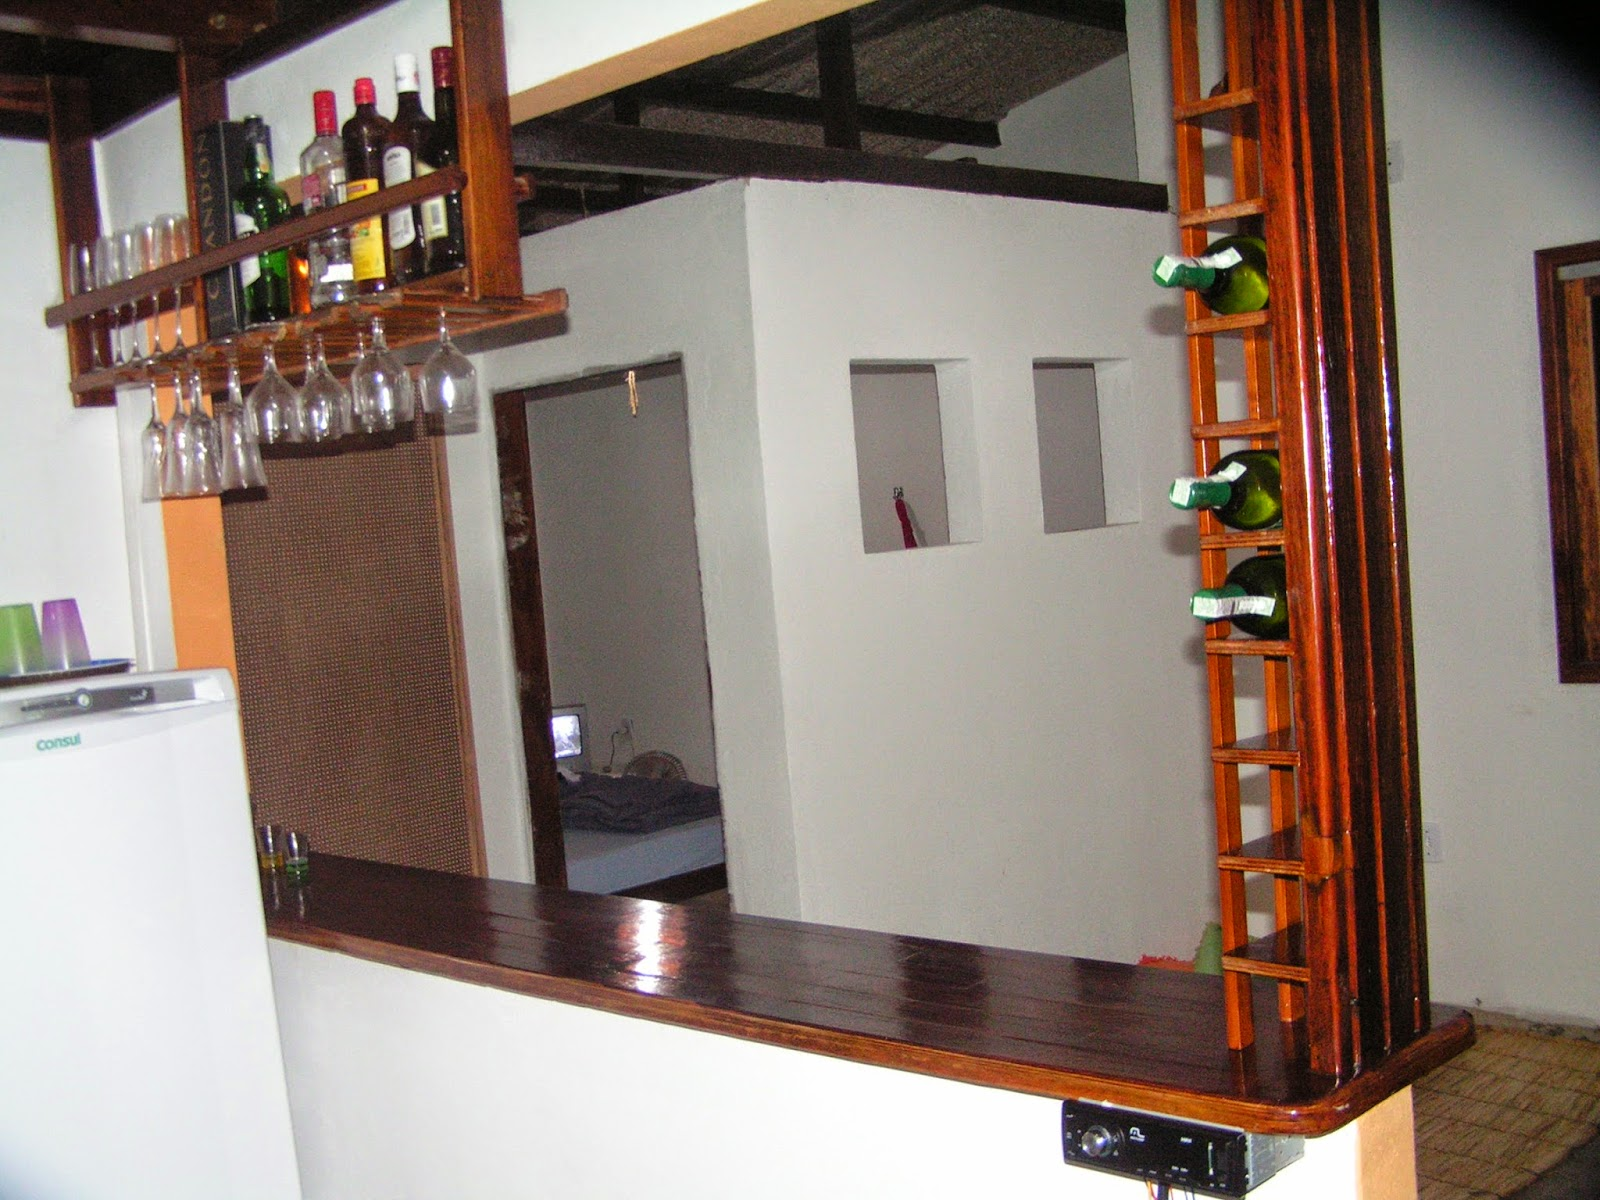 de demoliçã0 com capacidade de 11 litros de vinho e 12 litros de #BA4211 1600 1200